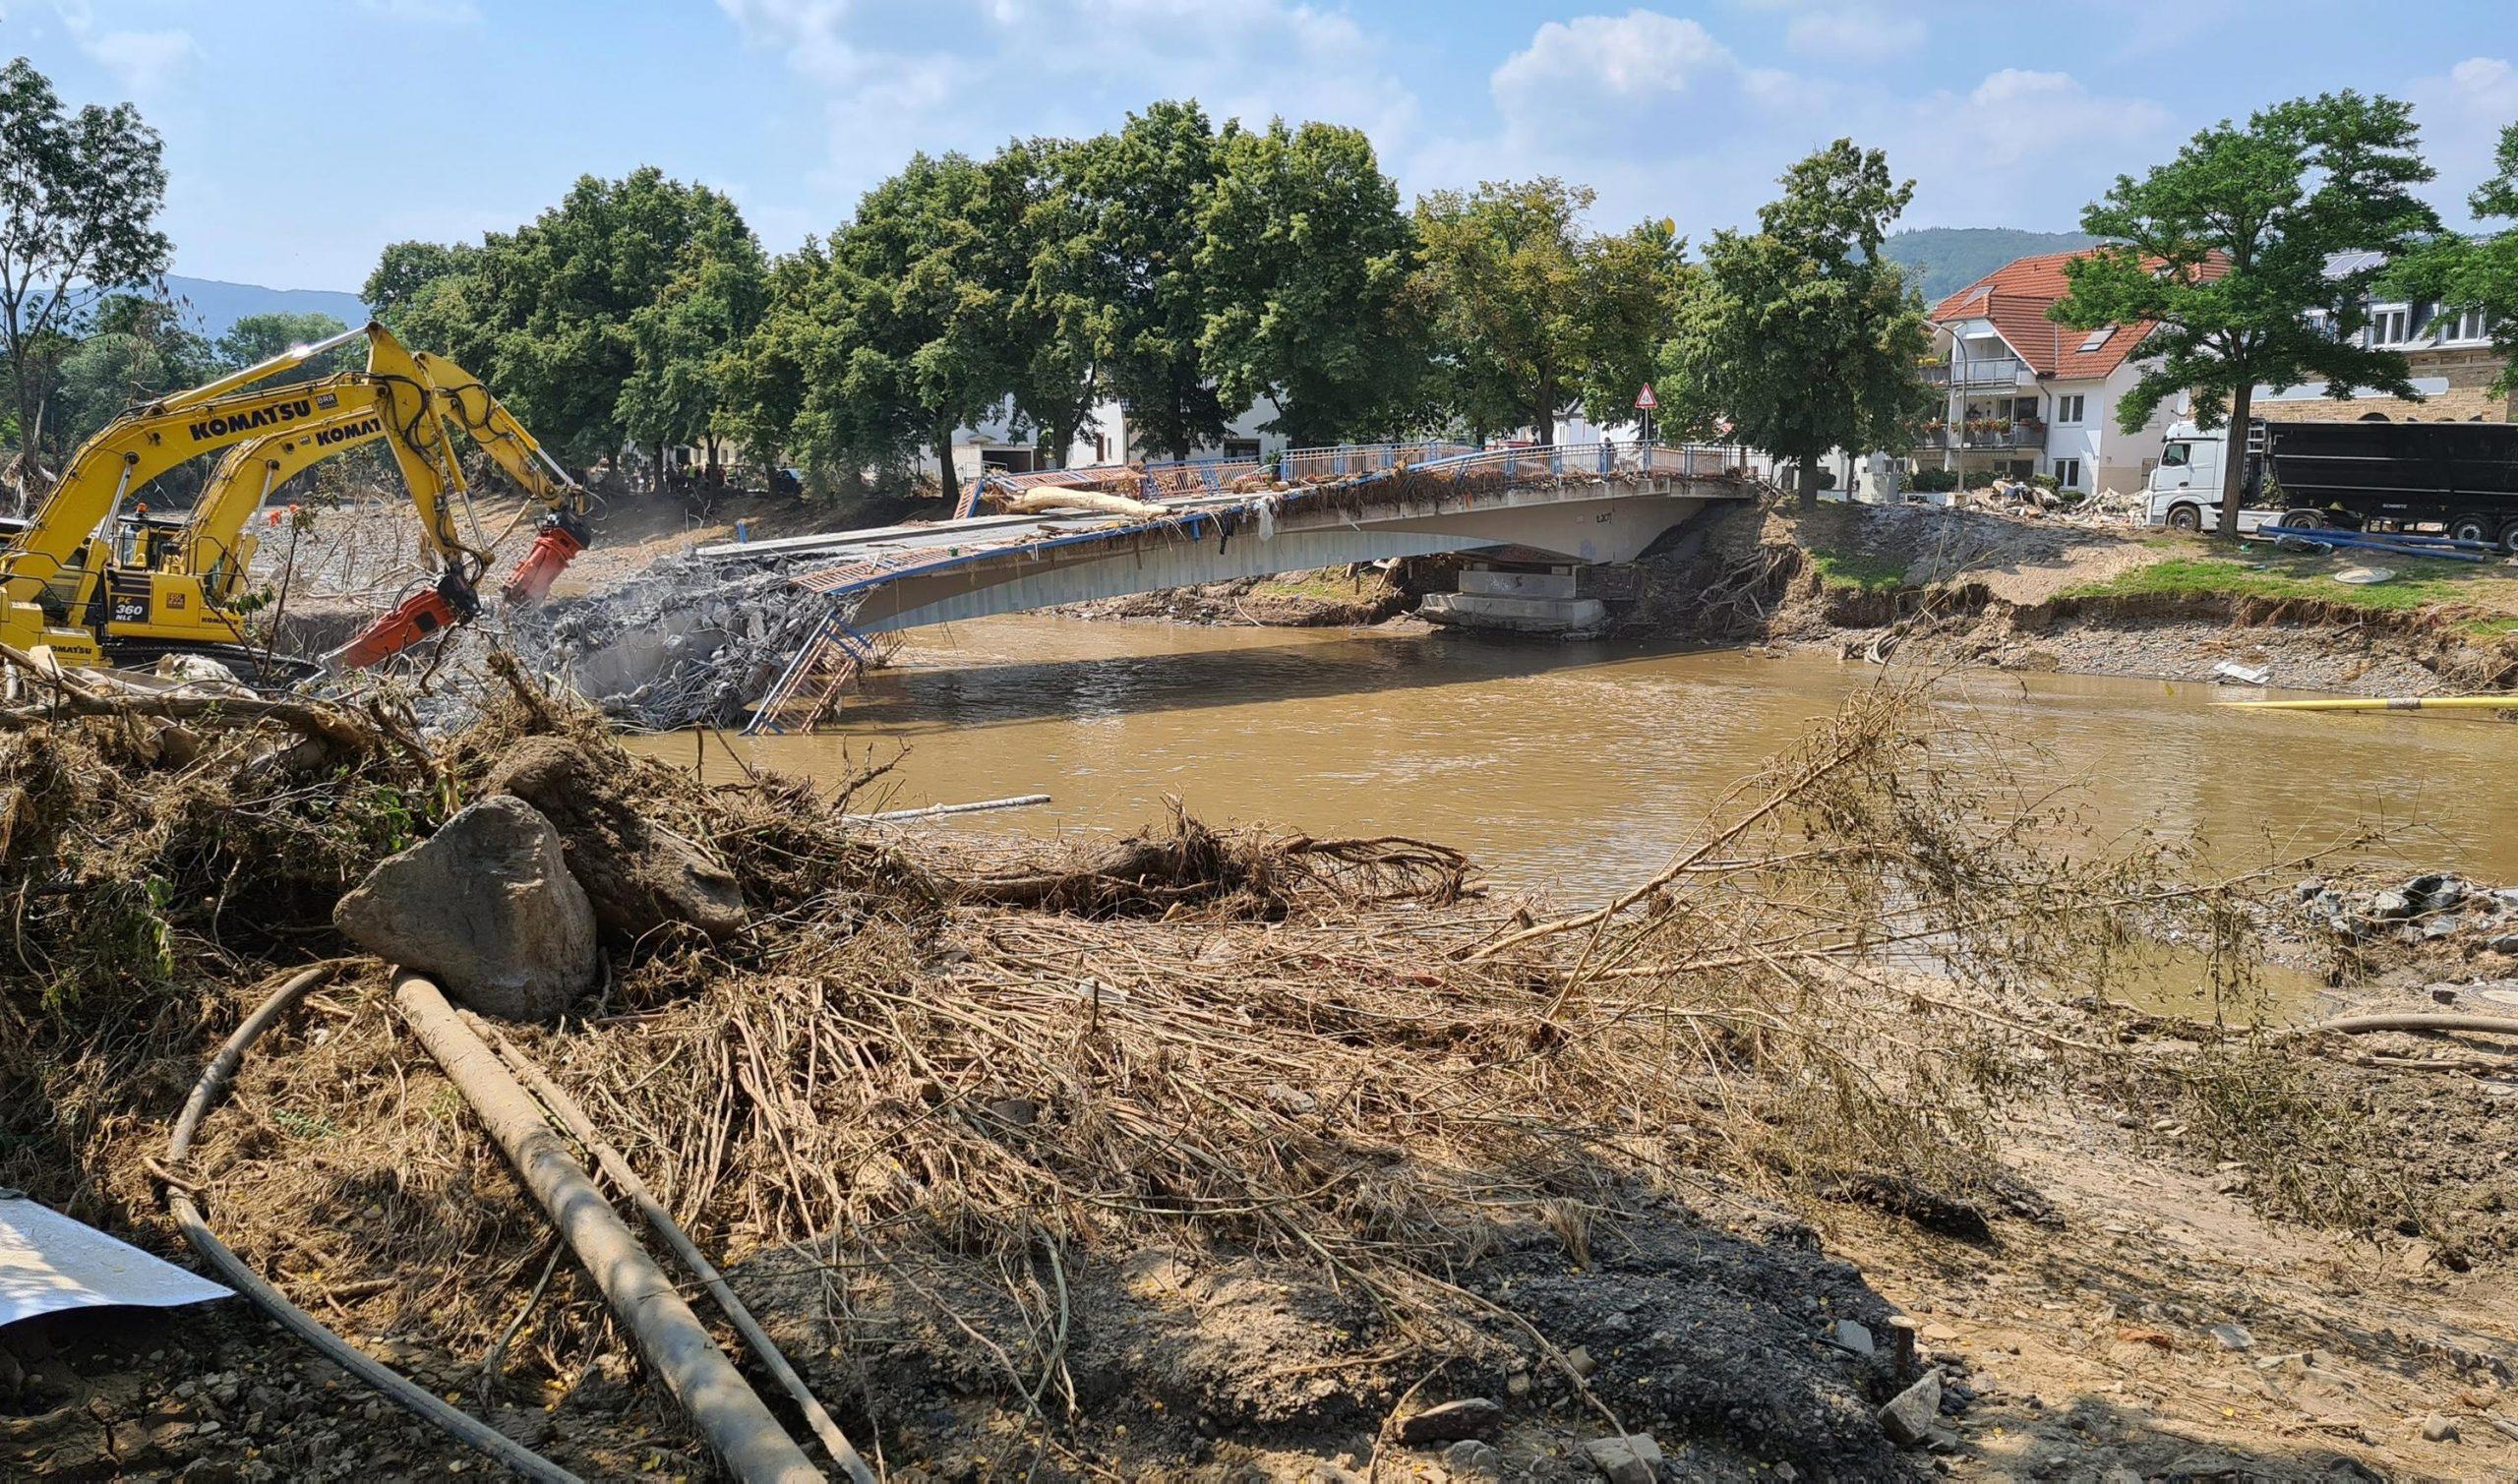 Bewohnerinnen und Bewohner deutscher Hochwasserstädte erzählen von der kurzen Zeit